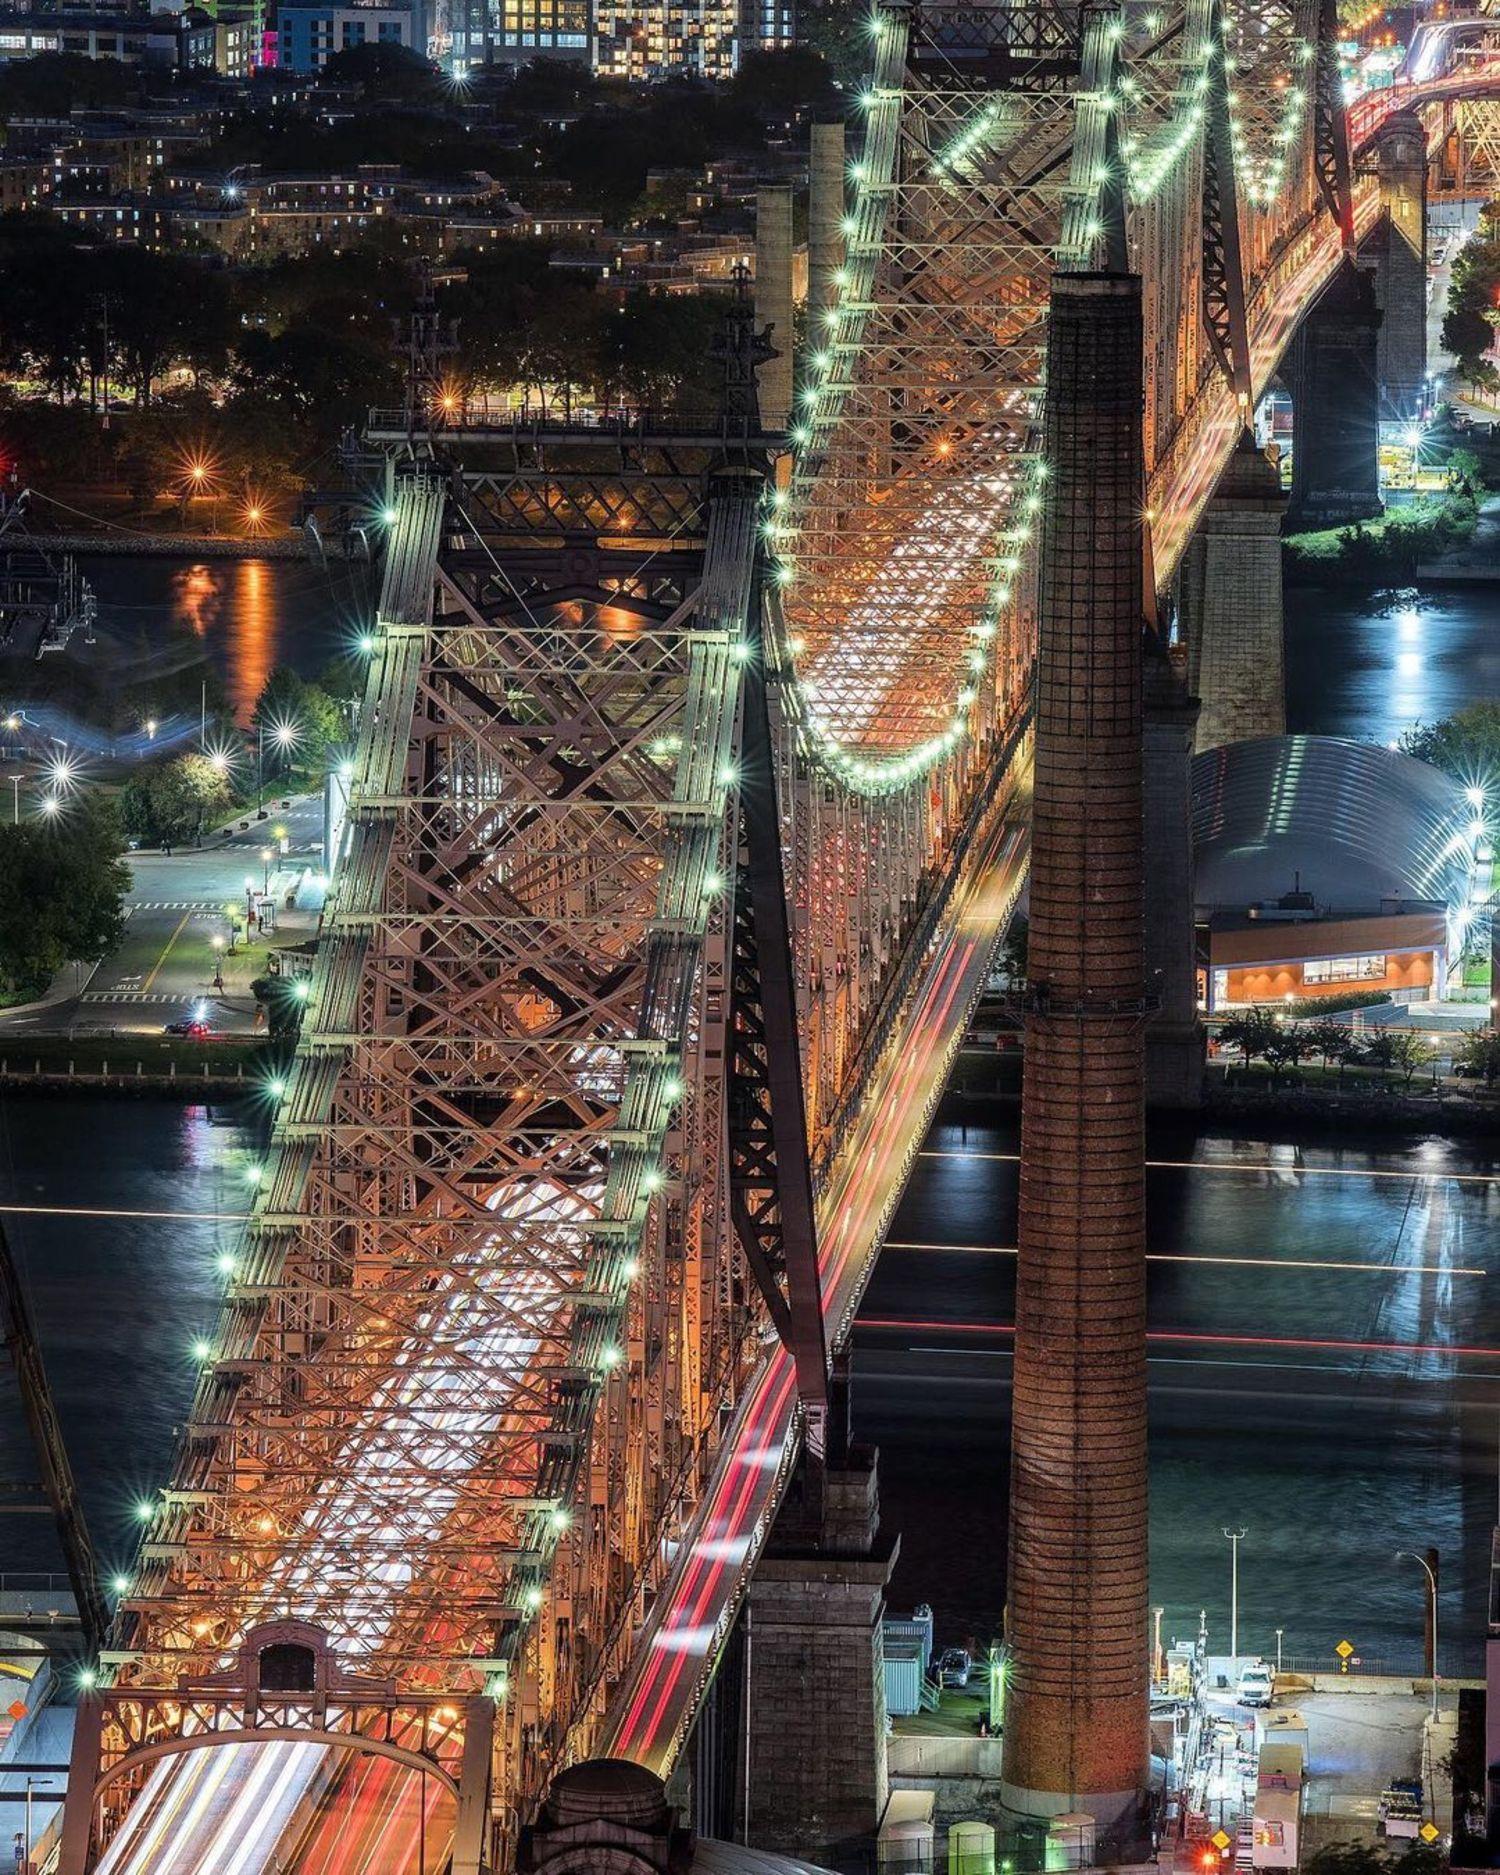 Queensboro Bridge, New York, New York